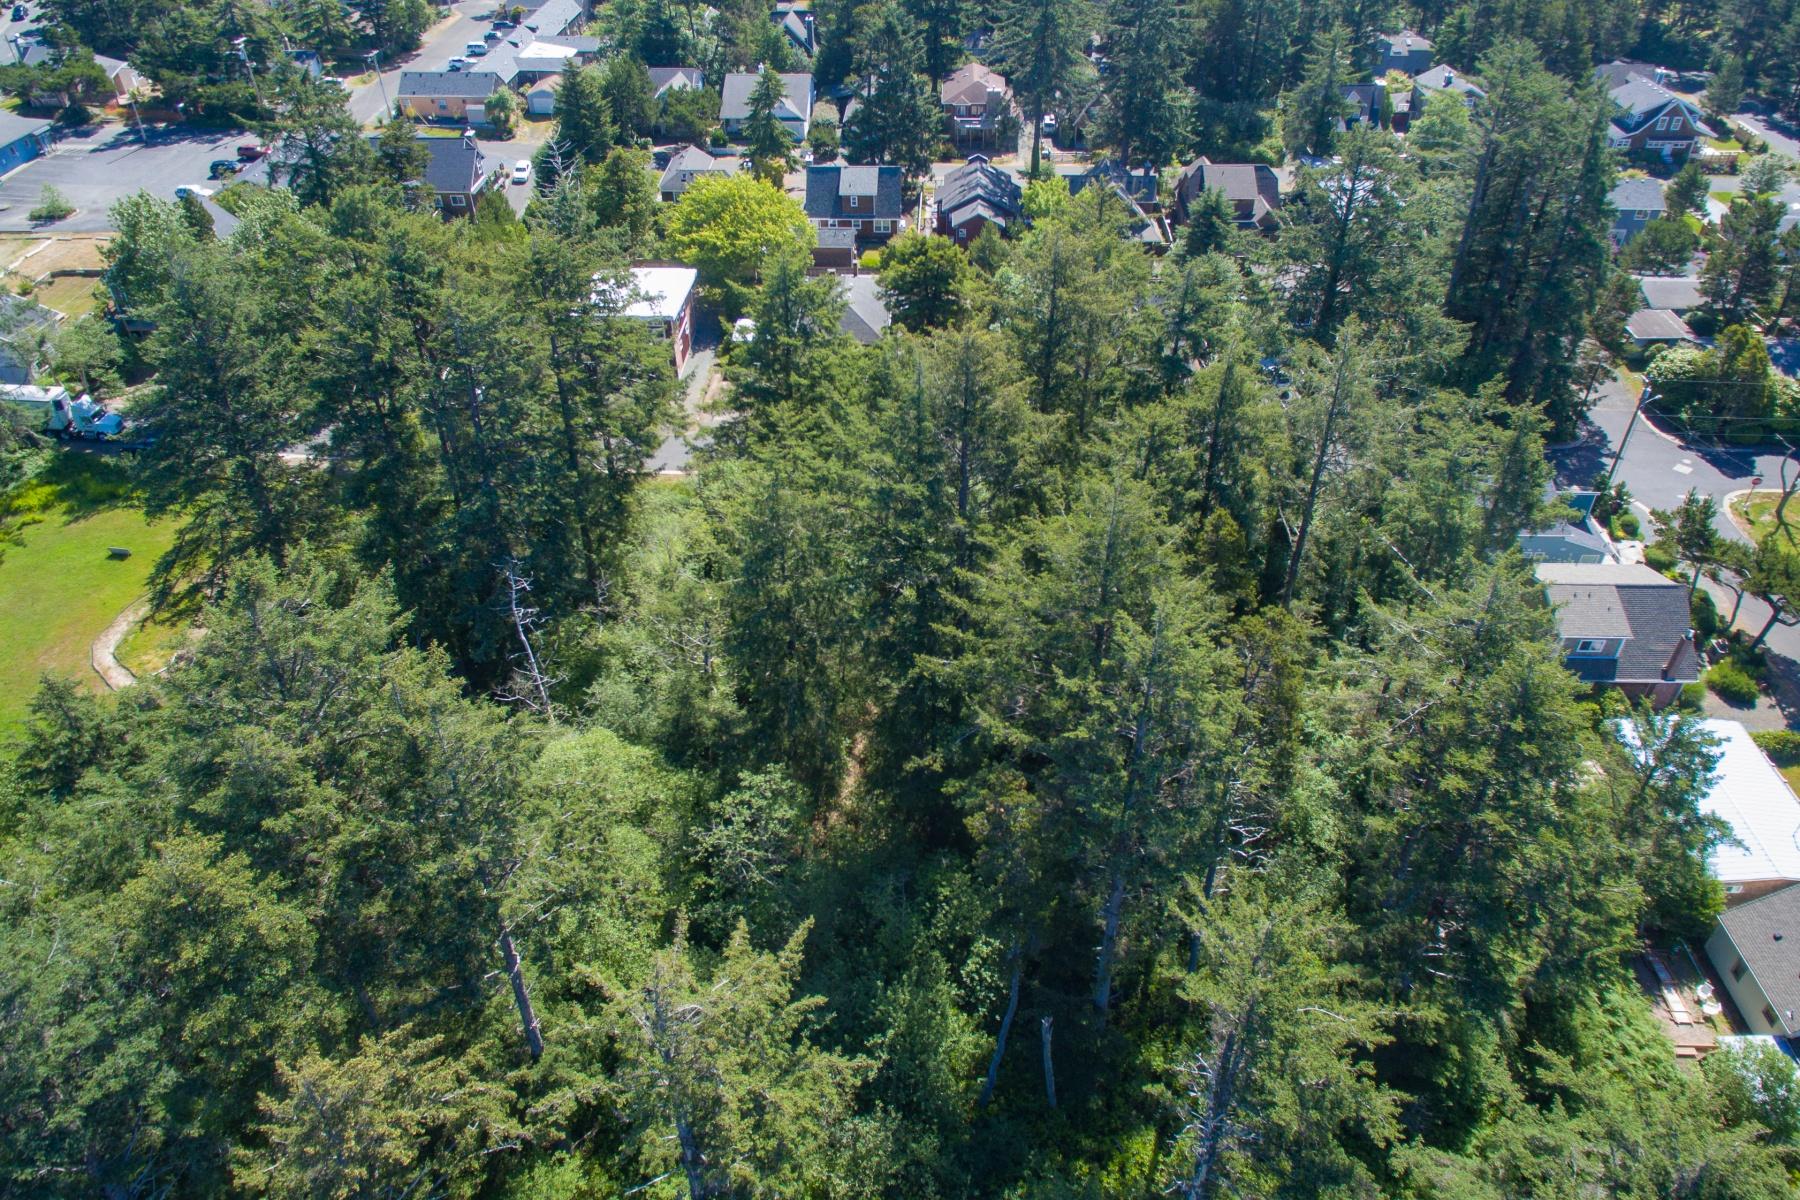 Đất đai vì Bán tại S Third ST 200, MANZANITA Manzanita, Oregon, 97130 Hoa Kỳ